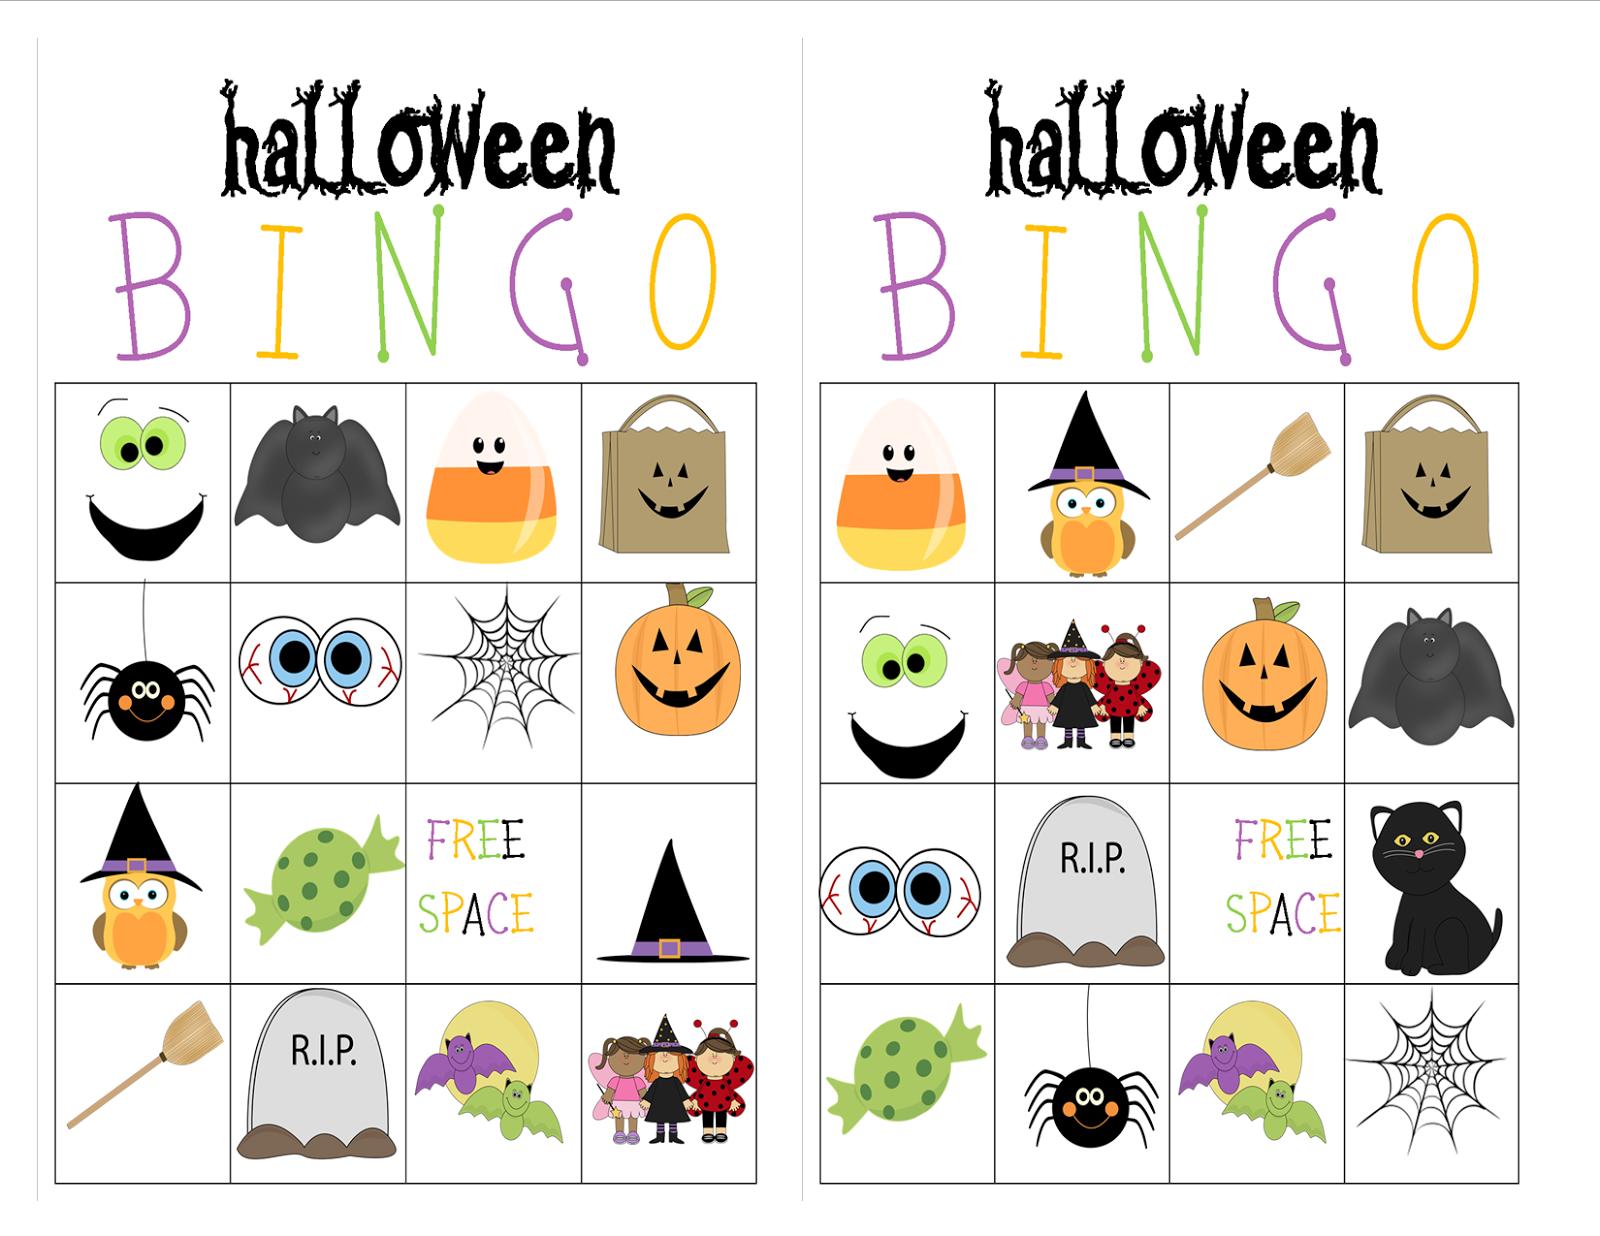 Schön Kostenlose Halloween Bingo Druckbare 2 Bilder - Malvorlagen ...